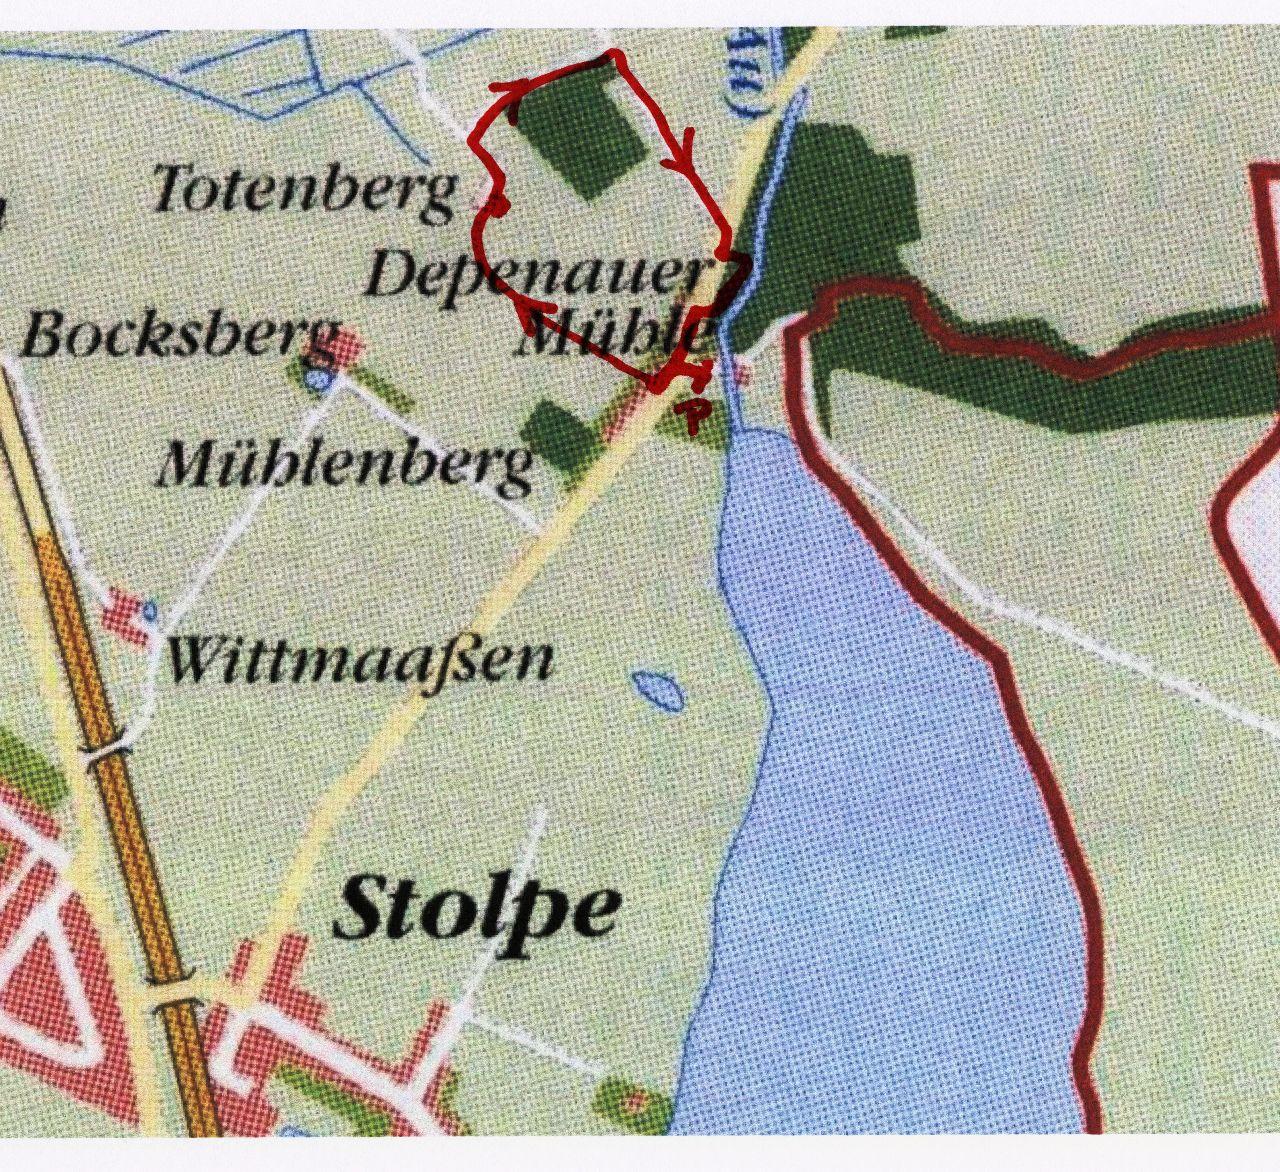 Spaziergang rund um den Totenberg - Karte